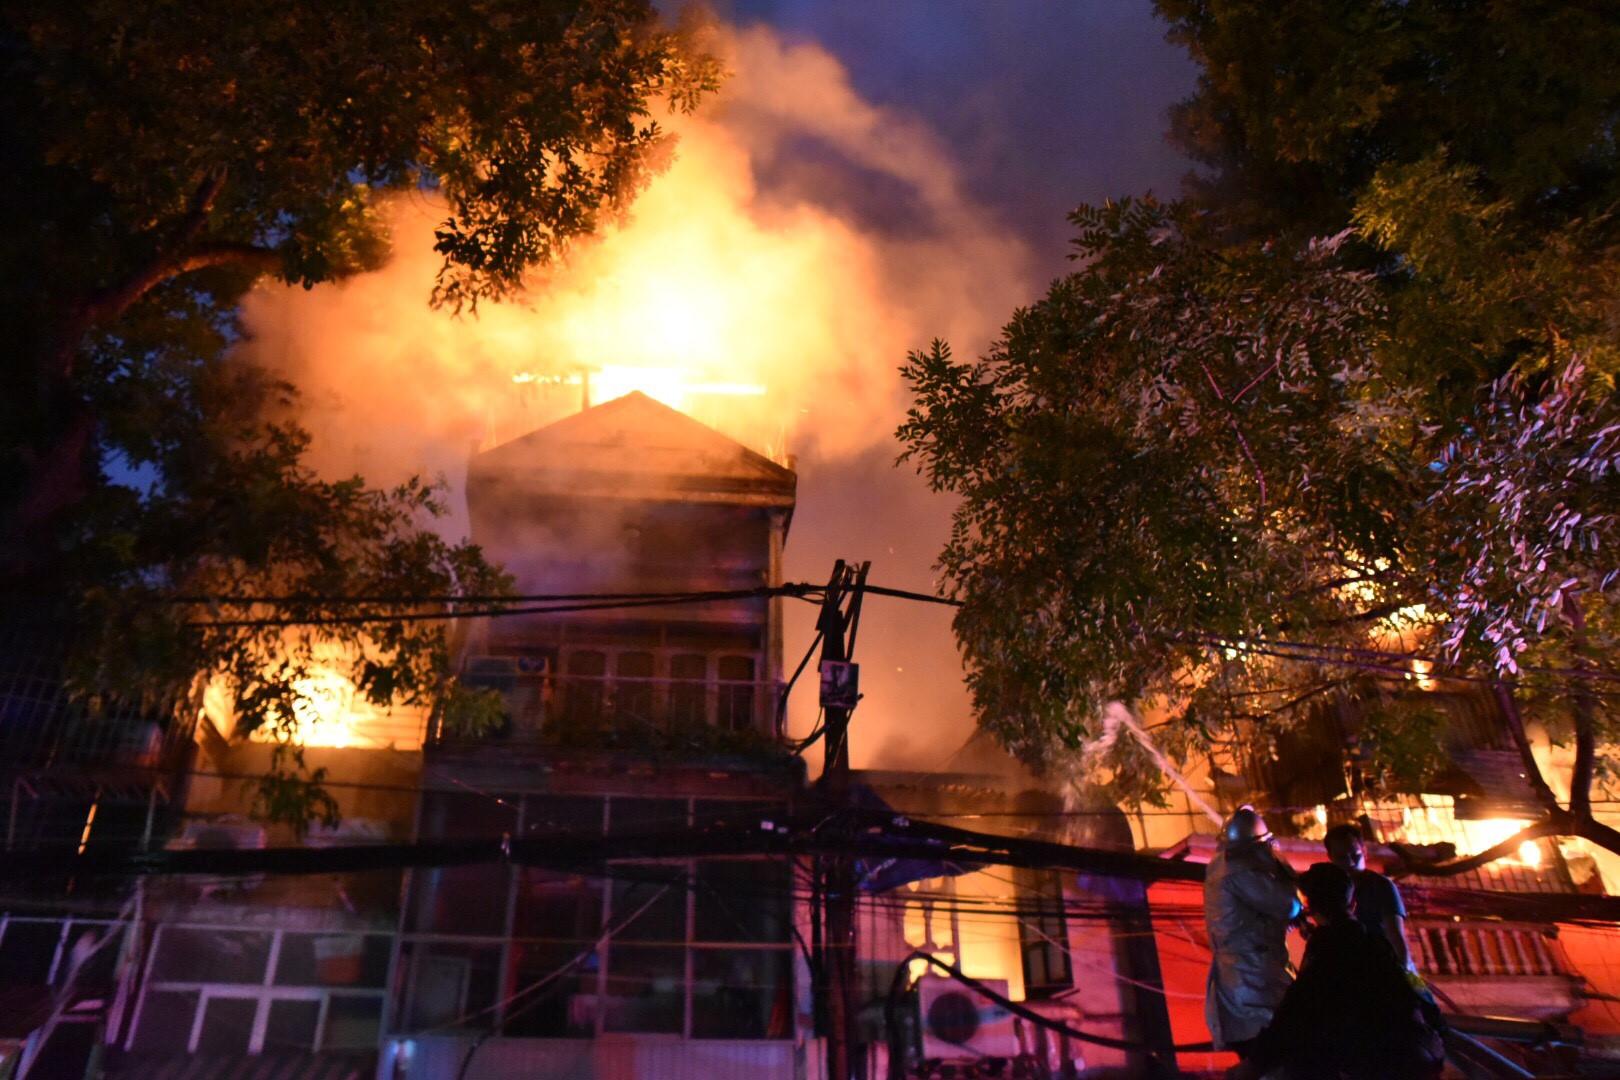 Hàng trăm người dập đám cháy lớn ở Hà Nội